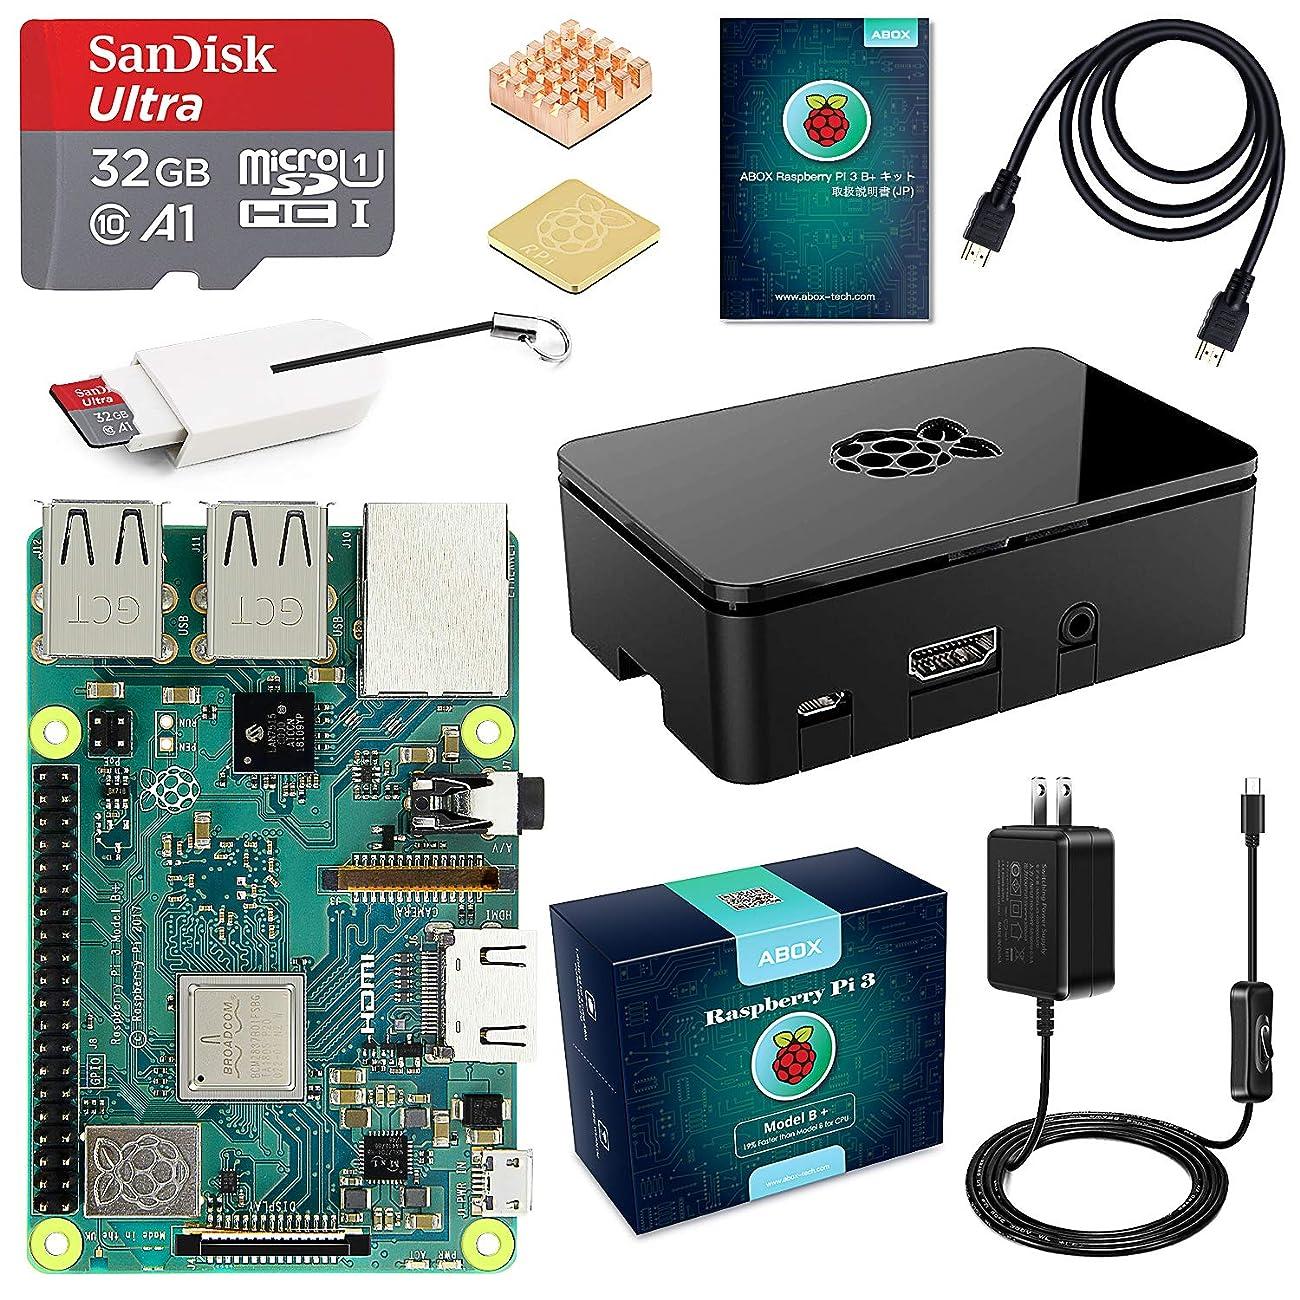 取り消す勢いアルコーブABOX Raspberry Pi 3 Model b+ ラズベリーパイ 3 b+ MicroSDHCカード32G/NOOBSシステムプリインストール/カードリーダ /5V/3A スイッチ付電源/高品質HDMIケーブルライン/ヒートシンク /簡単に取り付けケース /日本語取扱説明書/24ヶ月保証